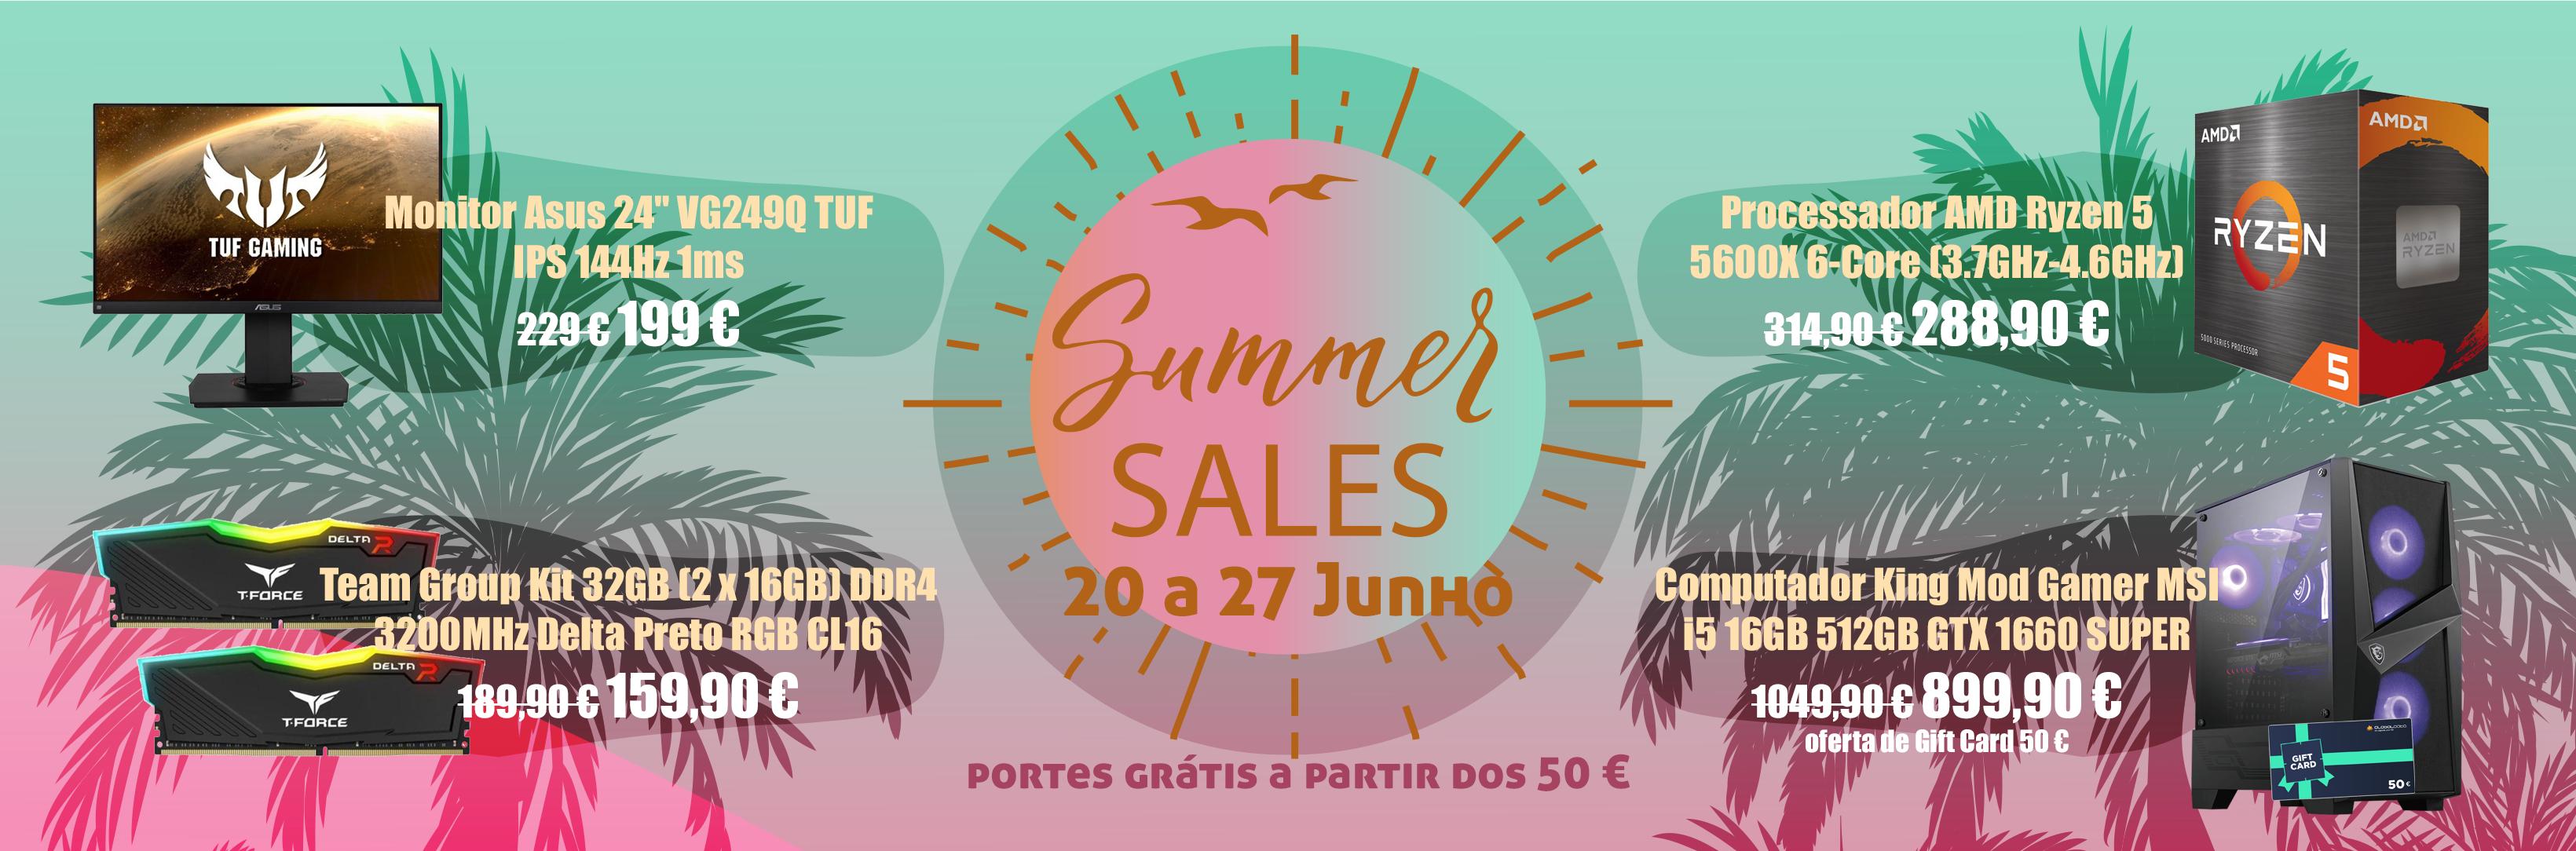 Banner Summer Sales 2021